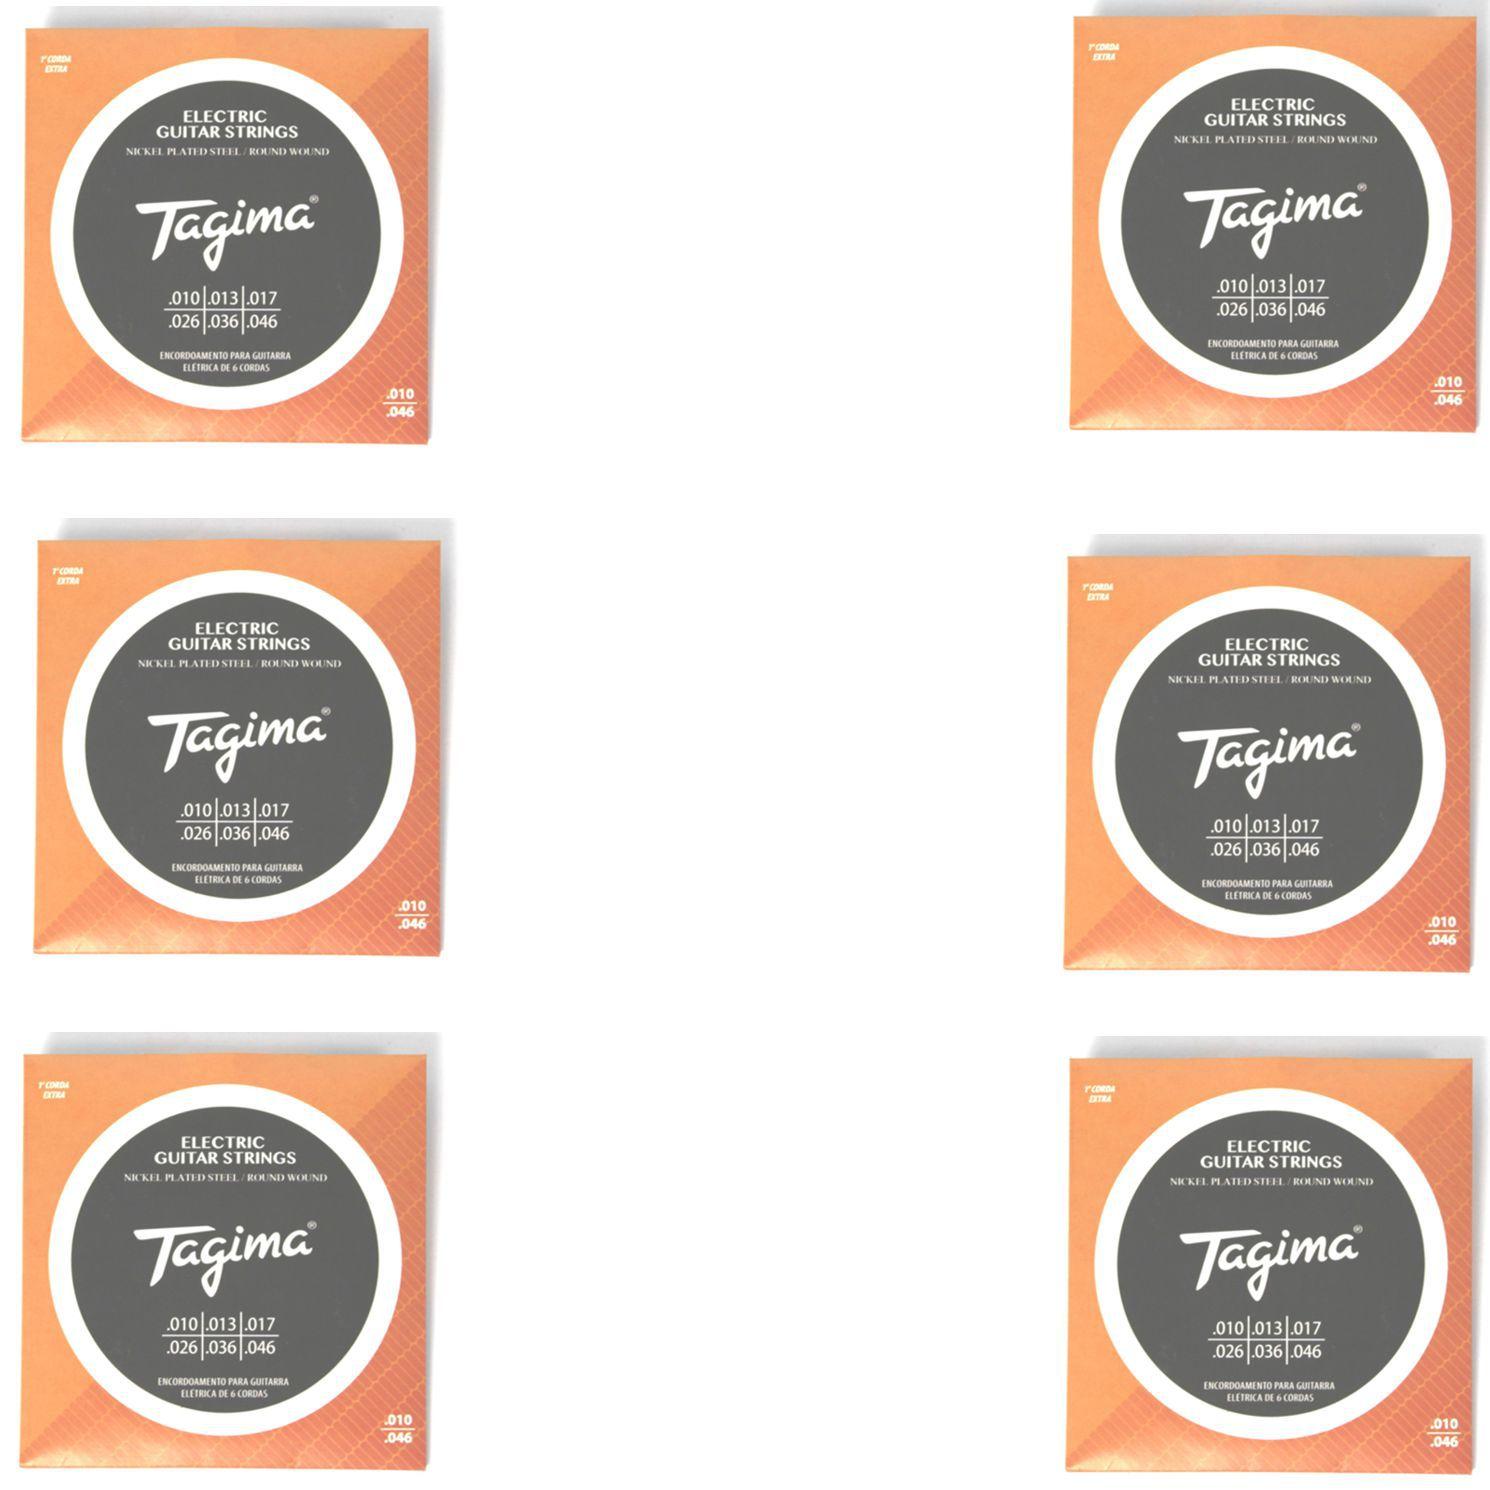 Encordoamento para Guitarra 010 Tagima - TGT-010 - 06 Unidades